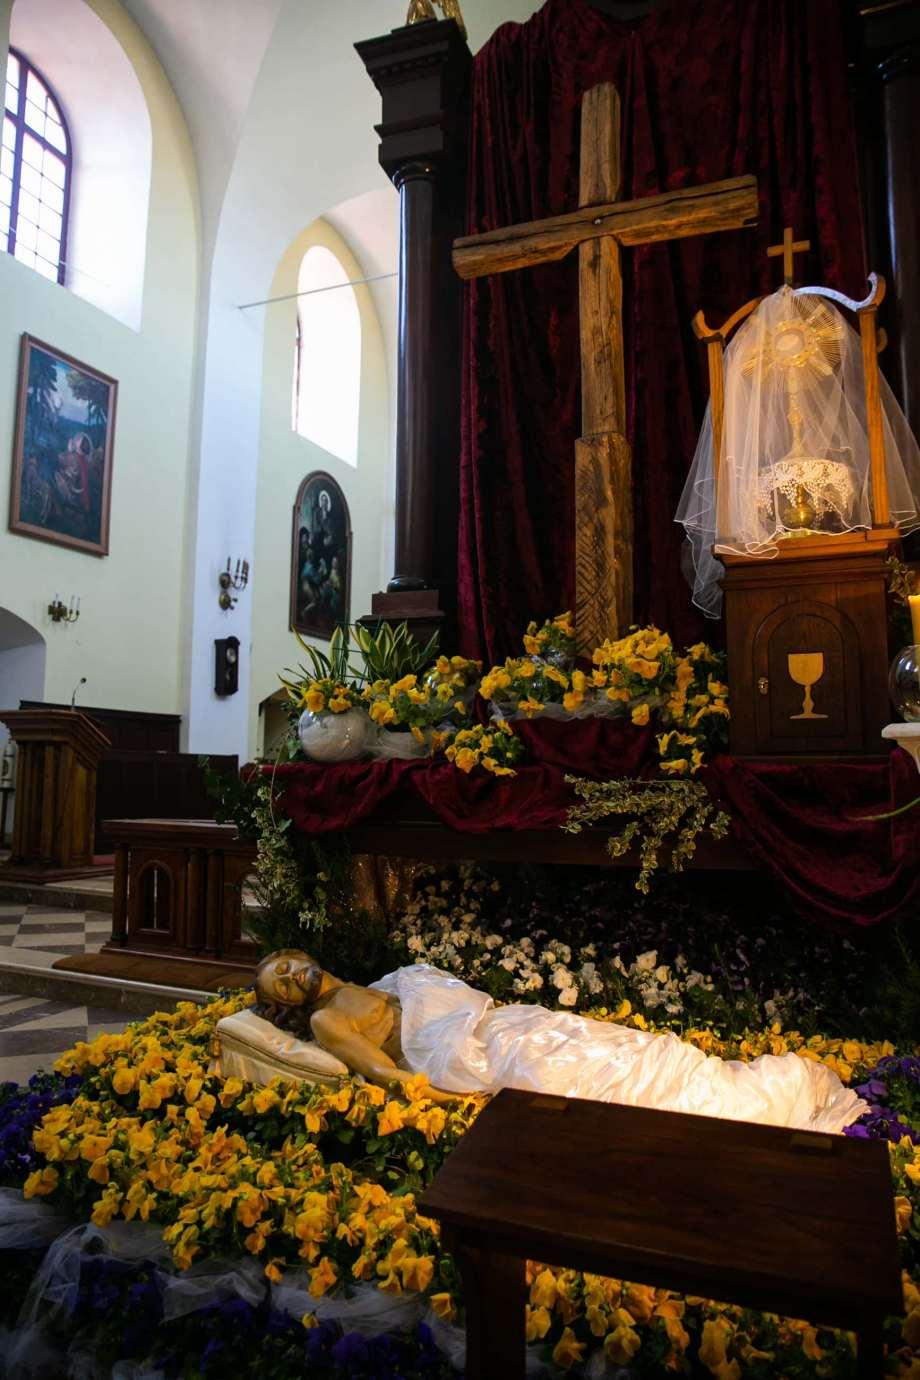 kosciol rektoralny pw sw katarzyny w zamosciu 1b Zdjęcia grobów pańskich w zamojskich świątyniach